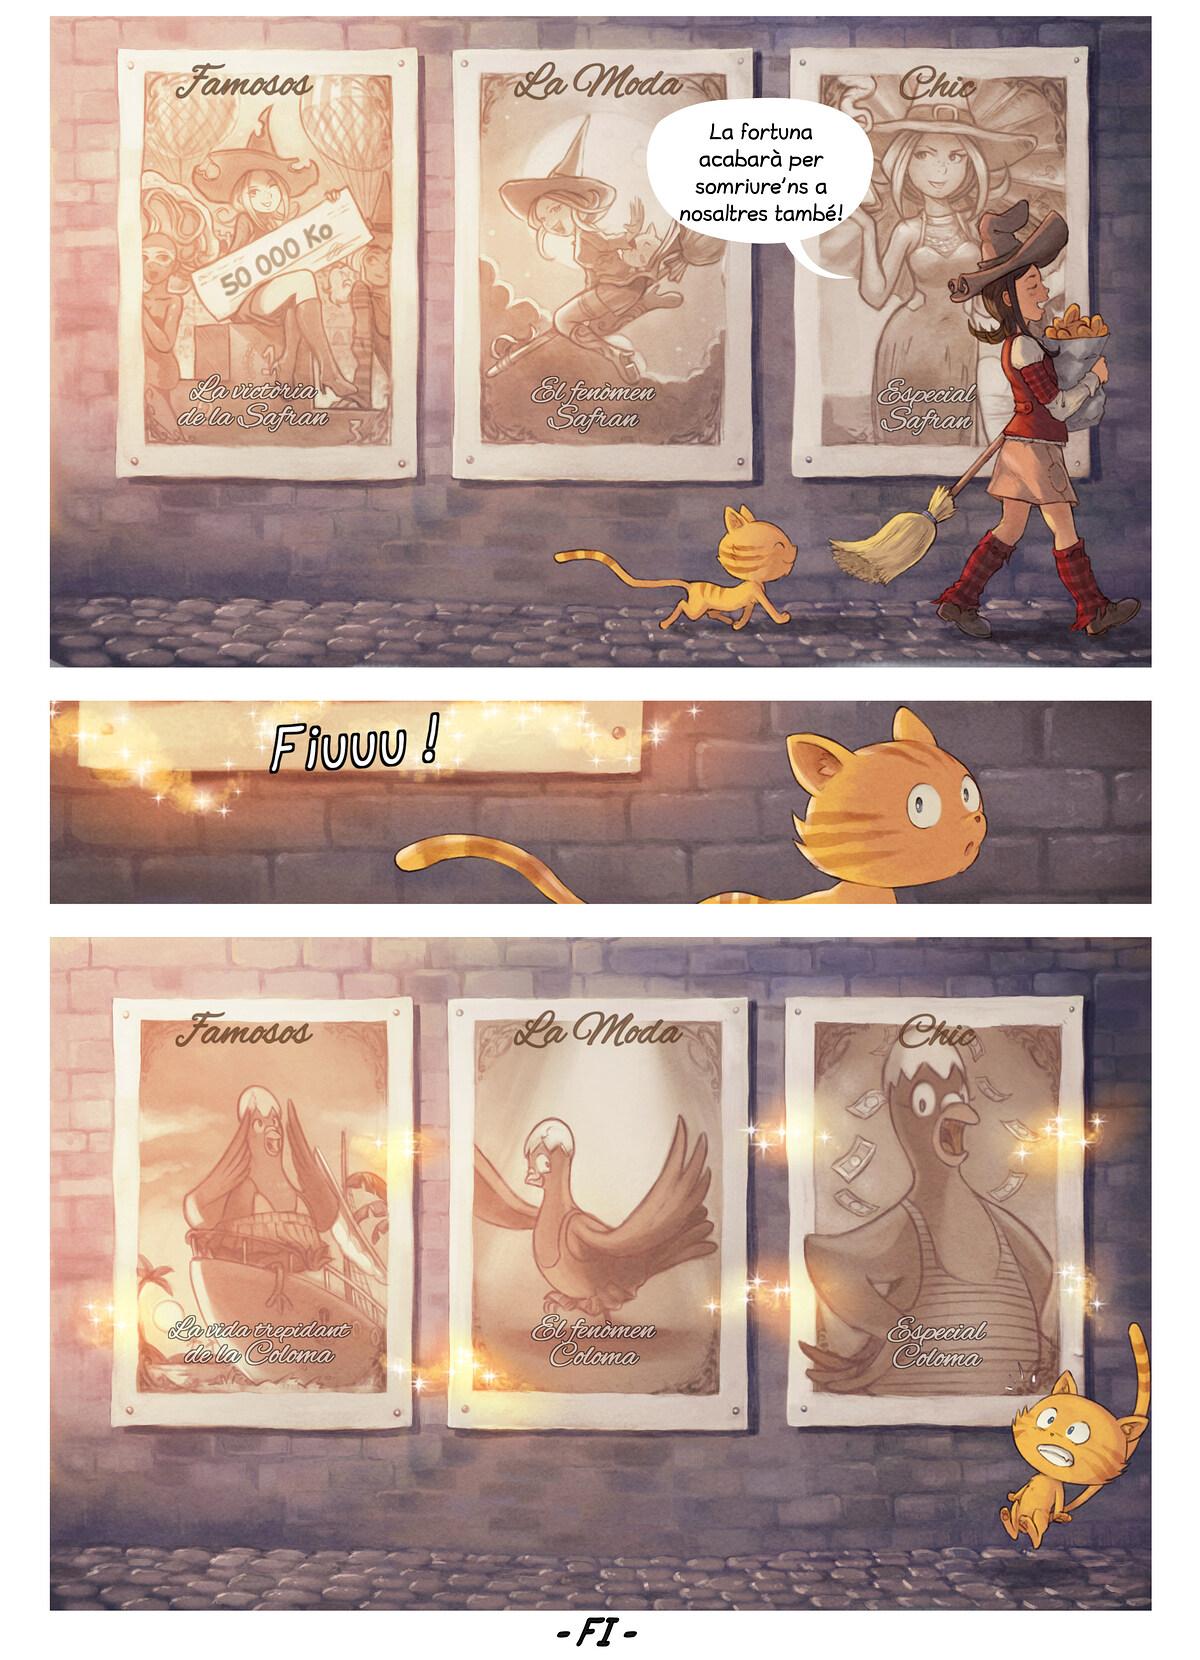 A webcomic page of Pepper&Carrot, episodi 23 [ca], pàgina 7